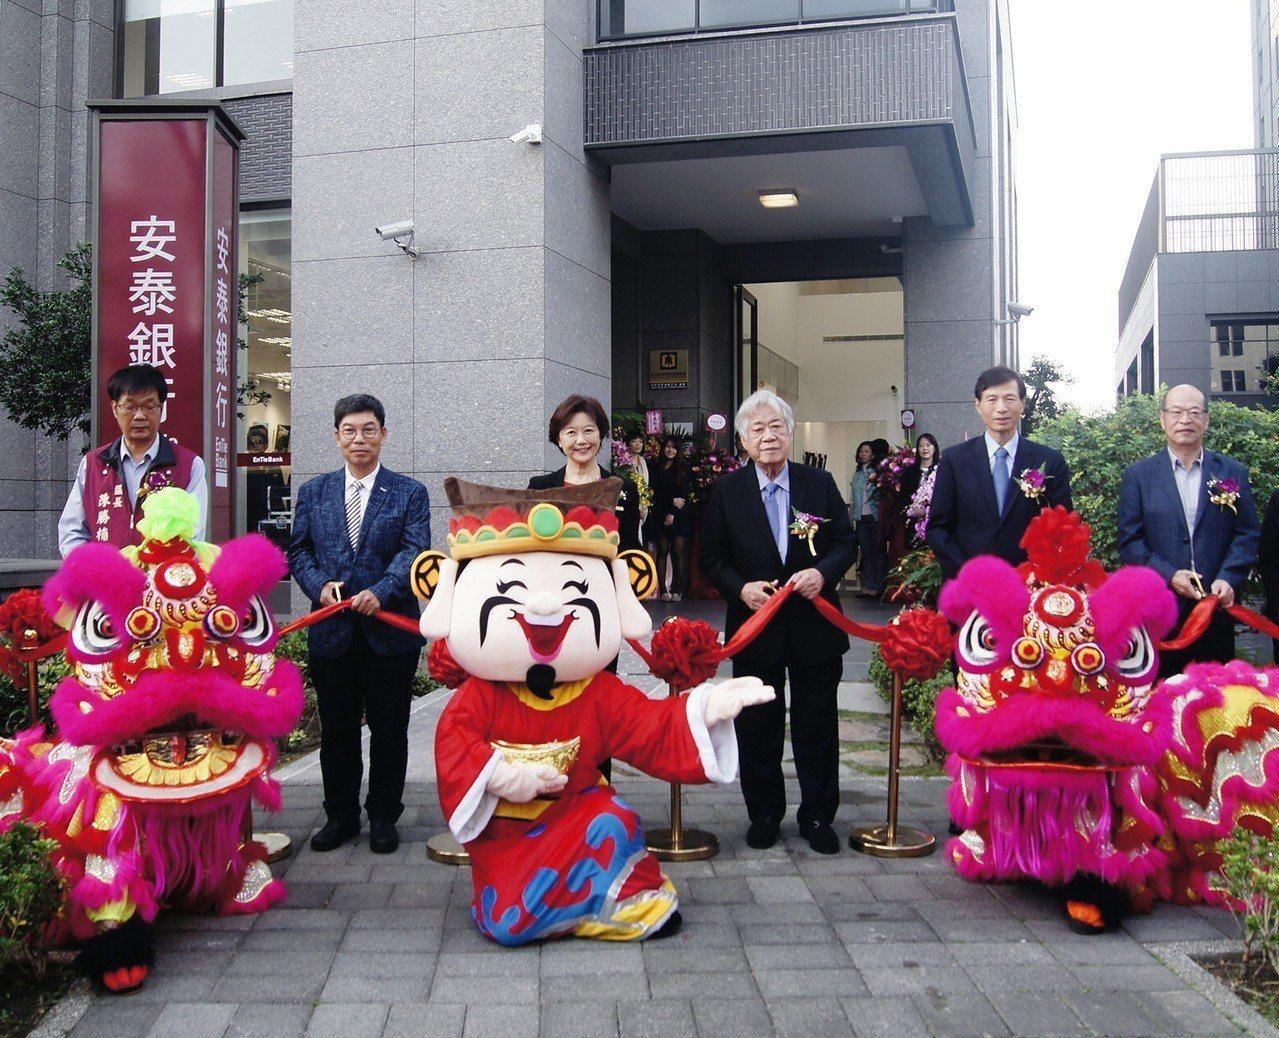 安泰銀行今天舉行台南分行開幕儀式,安泰銀行總經理俞宇琦(左三)及多位貴賓出席剪綵...